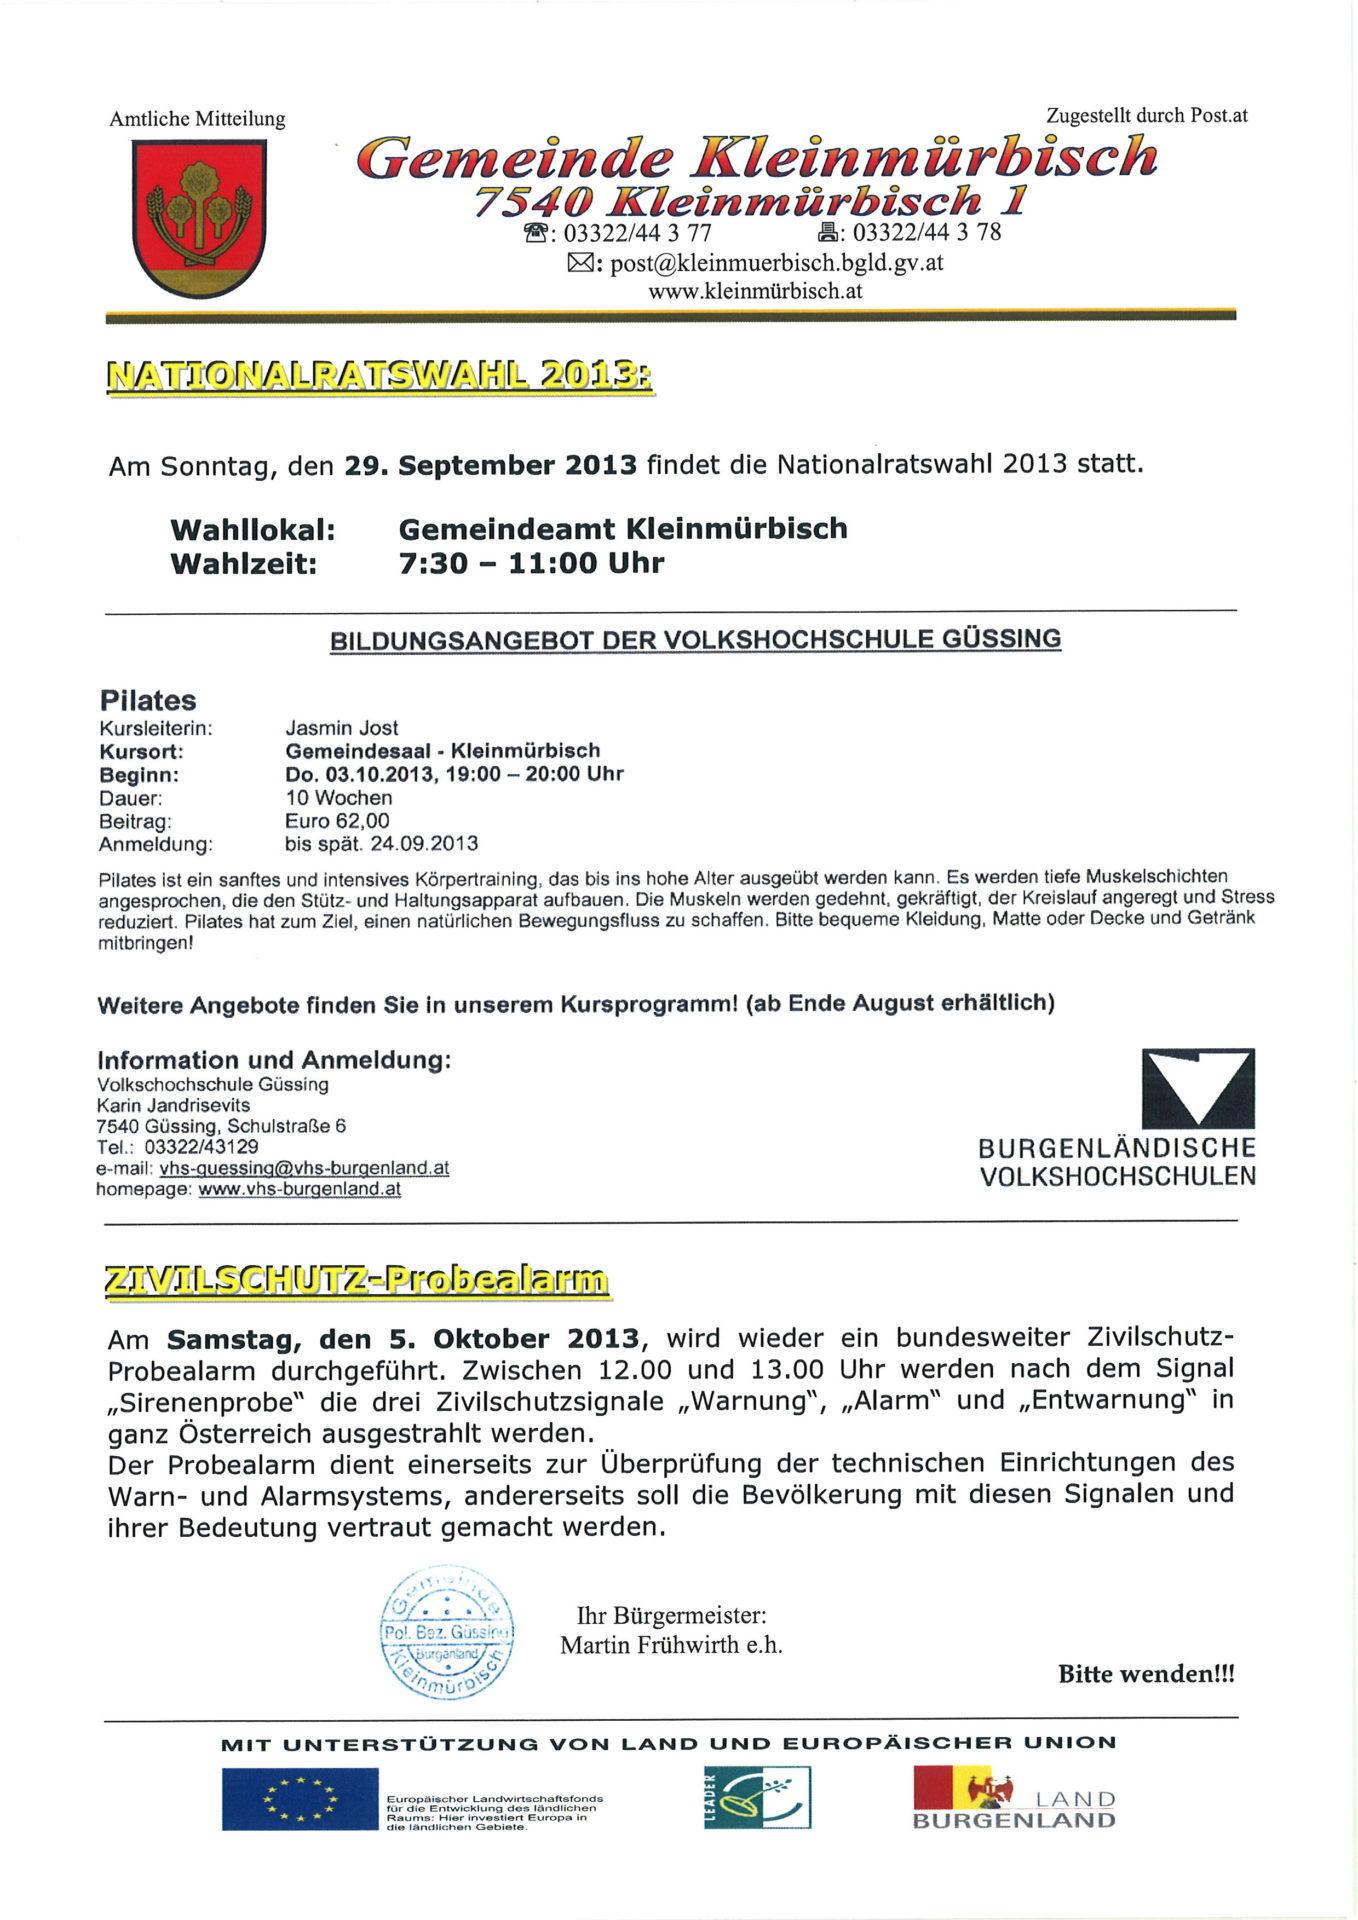 Amtliche Mitteilung April 2013